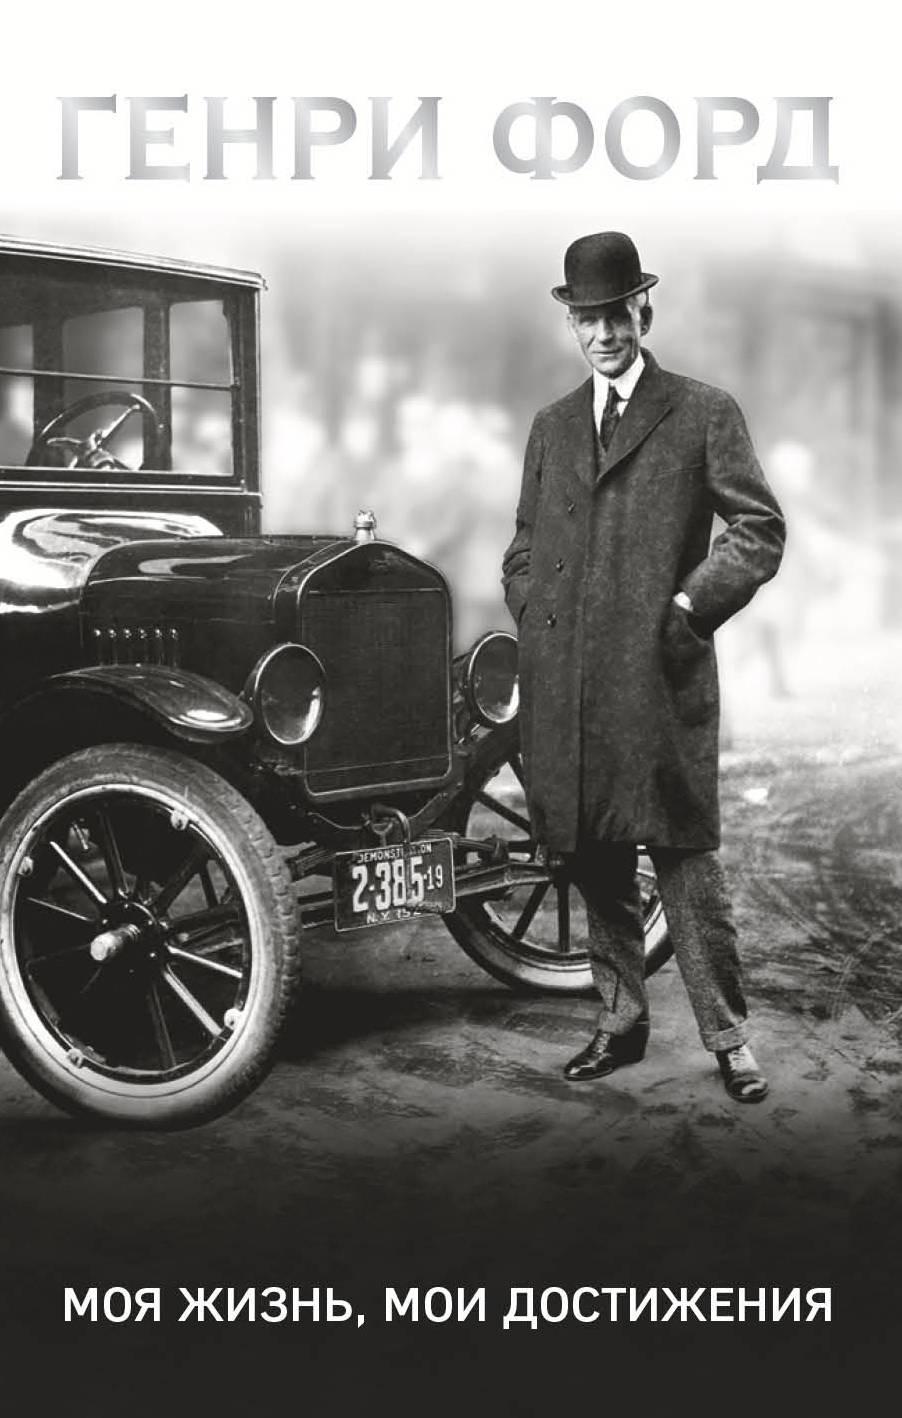 Генри Форд Генри Форд. Моя жизнь, мои достижения генри форд история моего успеха